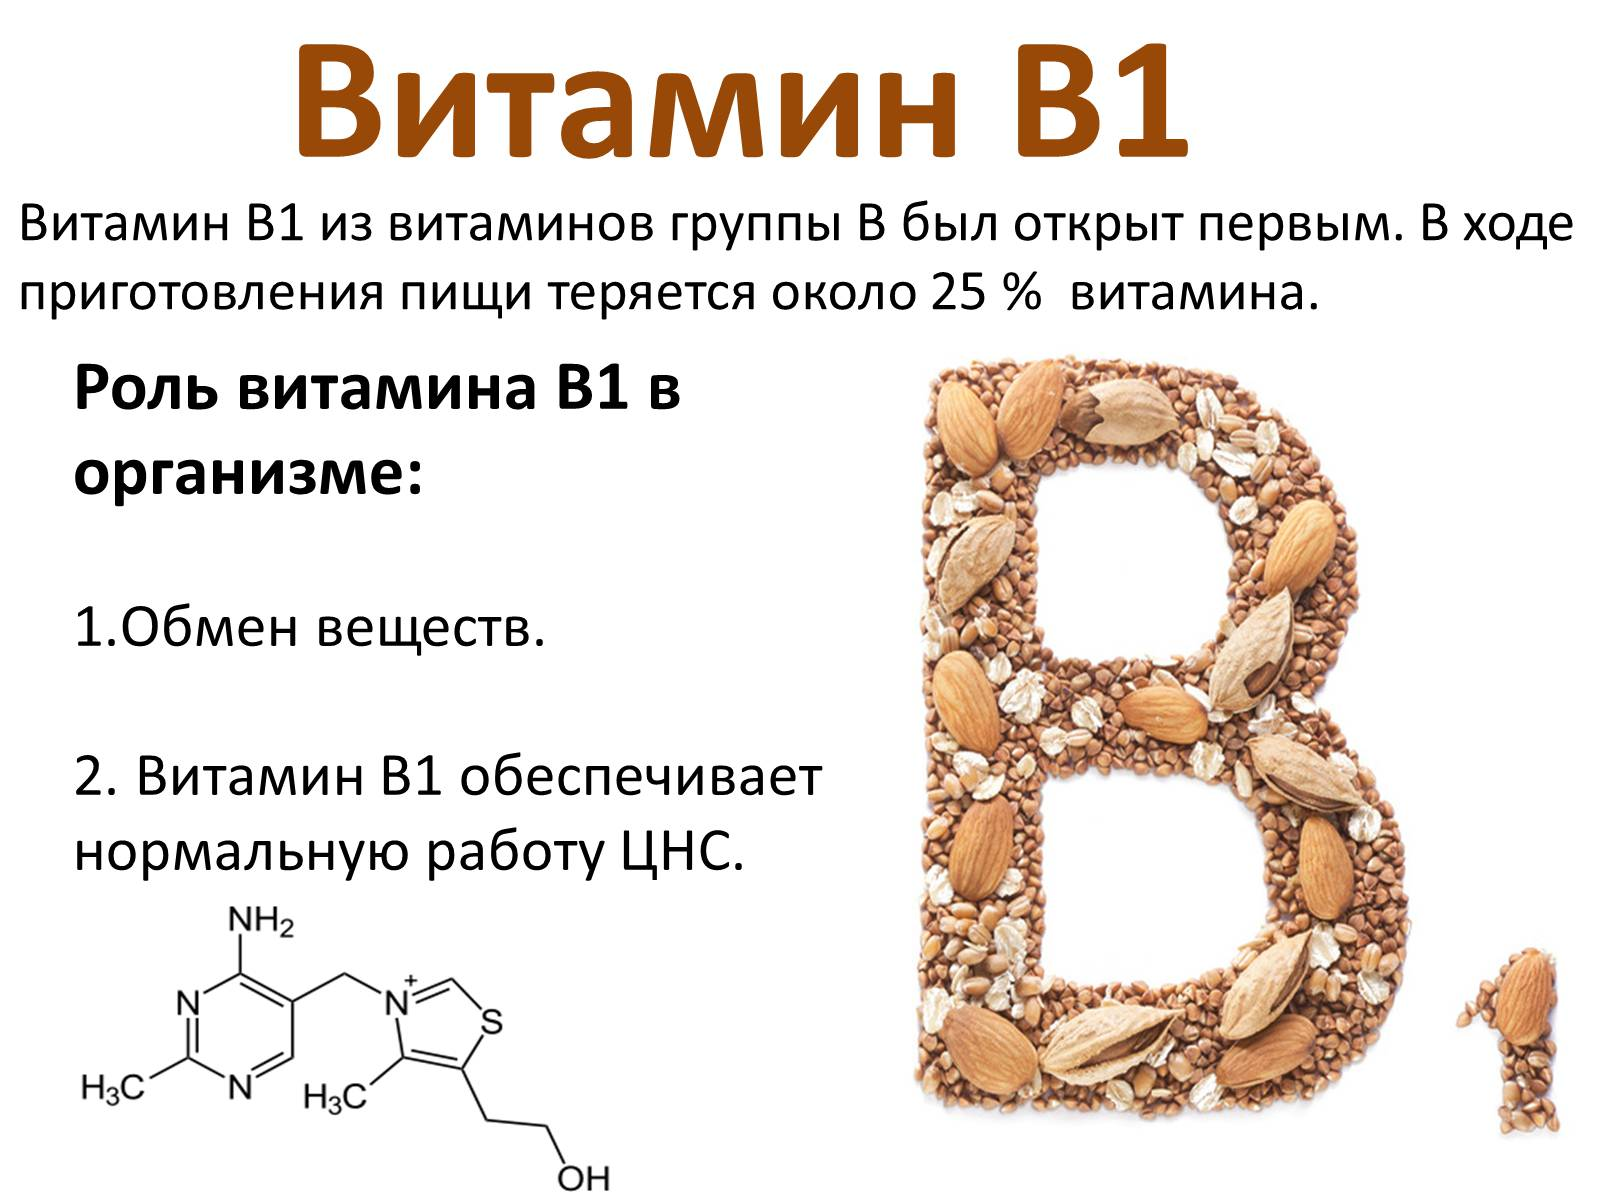 Как колоть витамины в6 и в12 и в1: схема уколов, можно ли их проколоть одновременно, совместимость